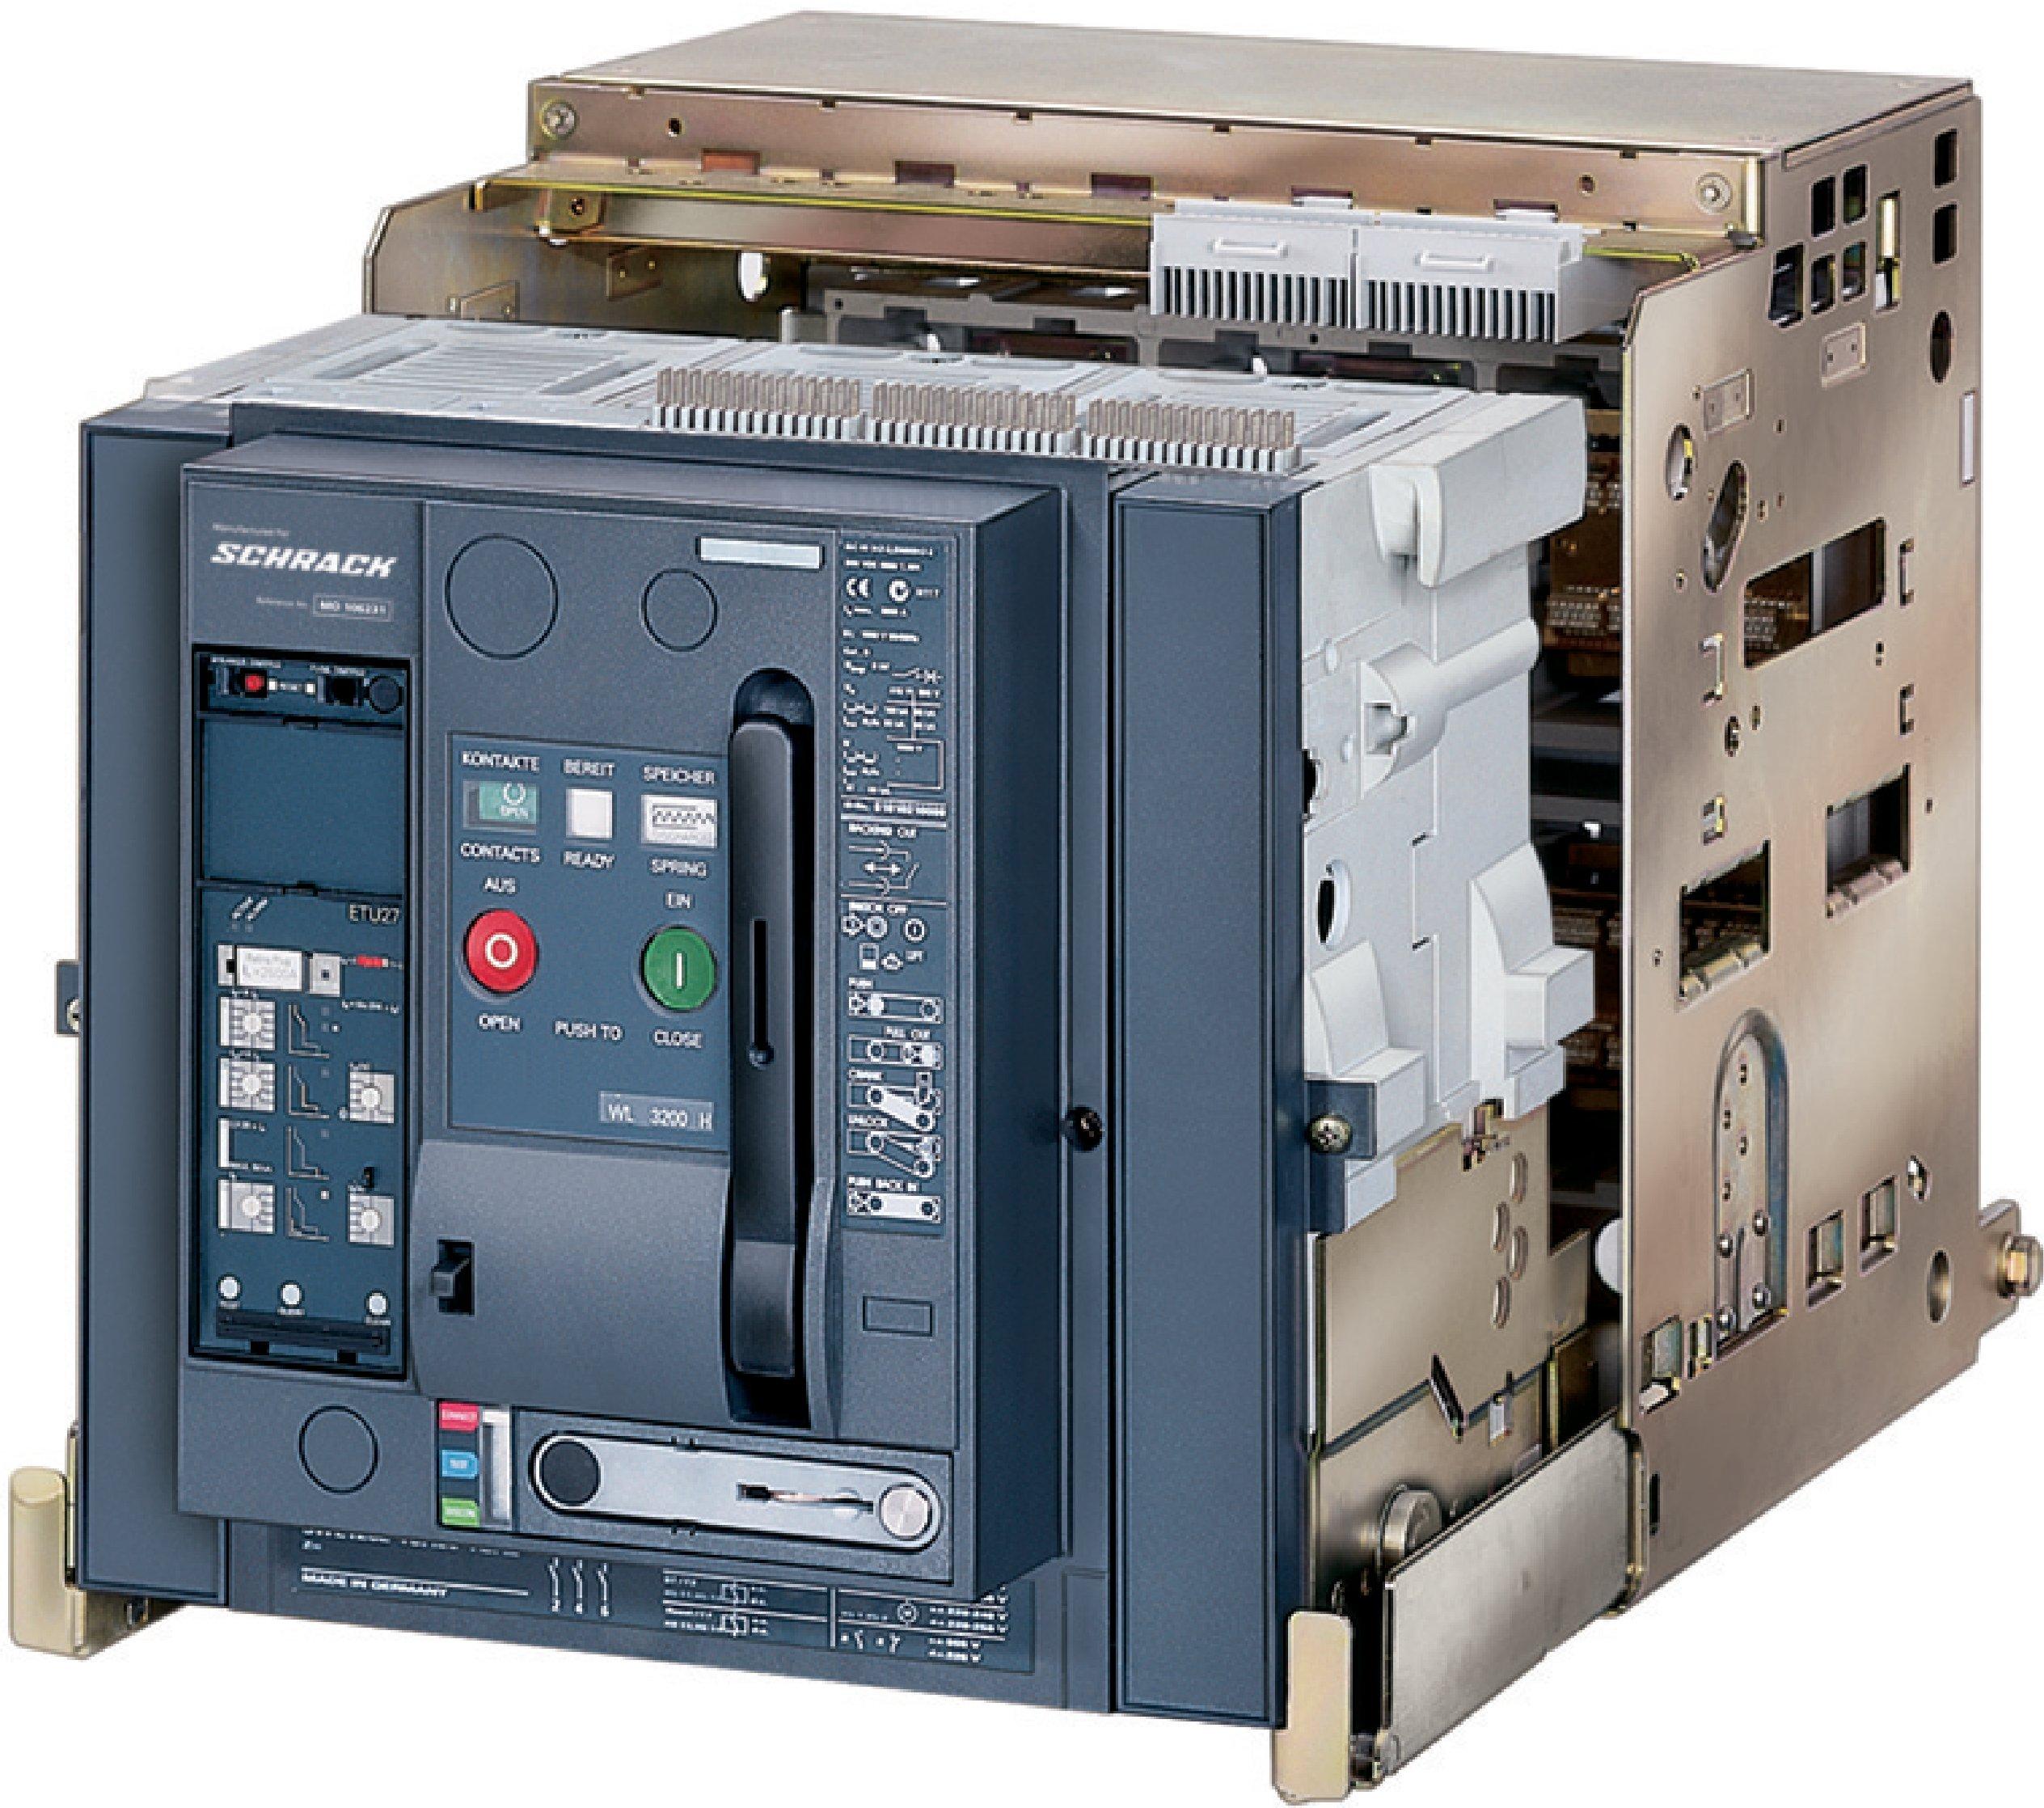 1 Stk Leistungsschalter, MO2, 3-polig, 1600A, 66kA, ausfahrbar, RH MO216236--